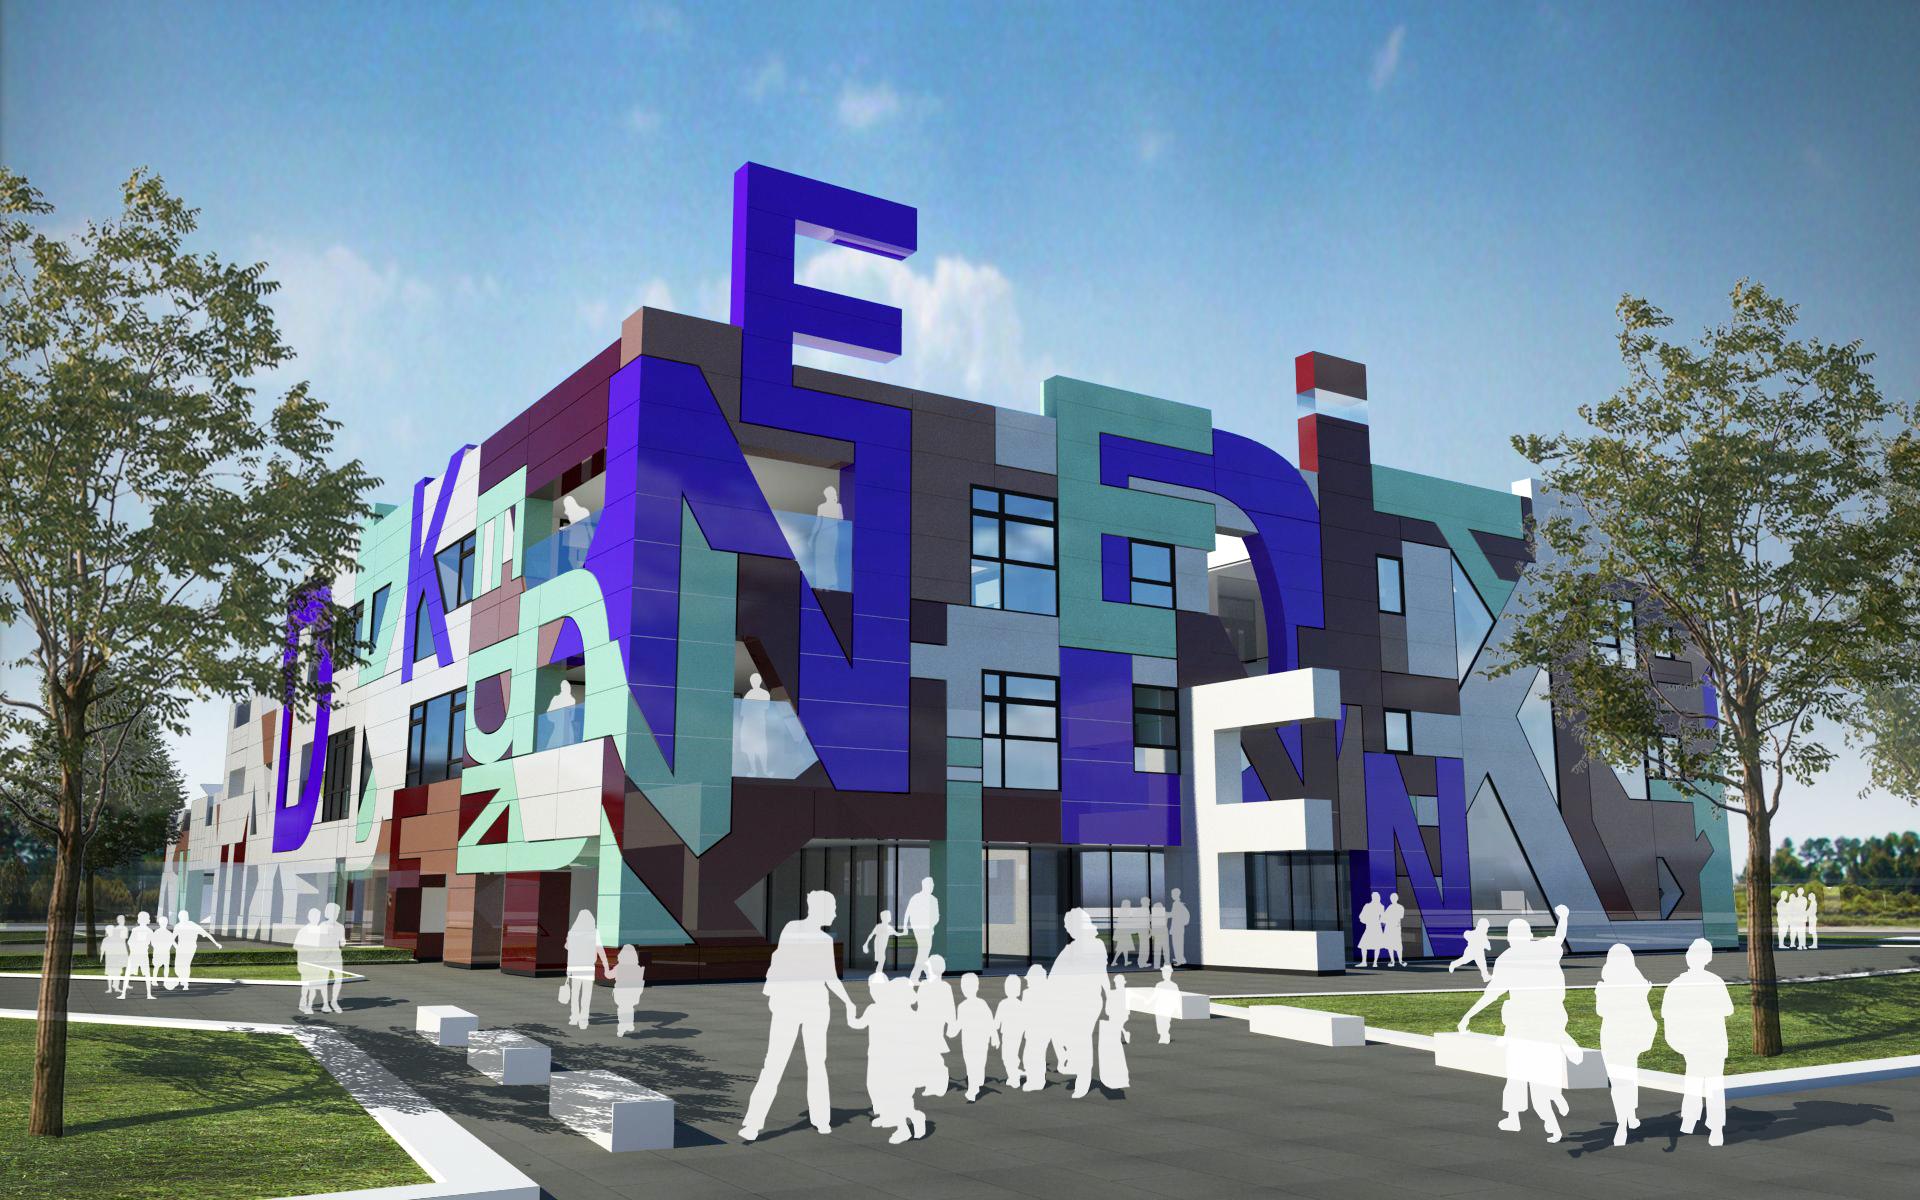 Endike Primary School, Hull